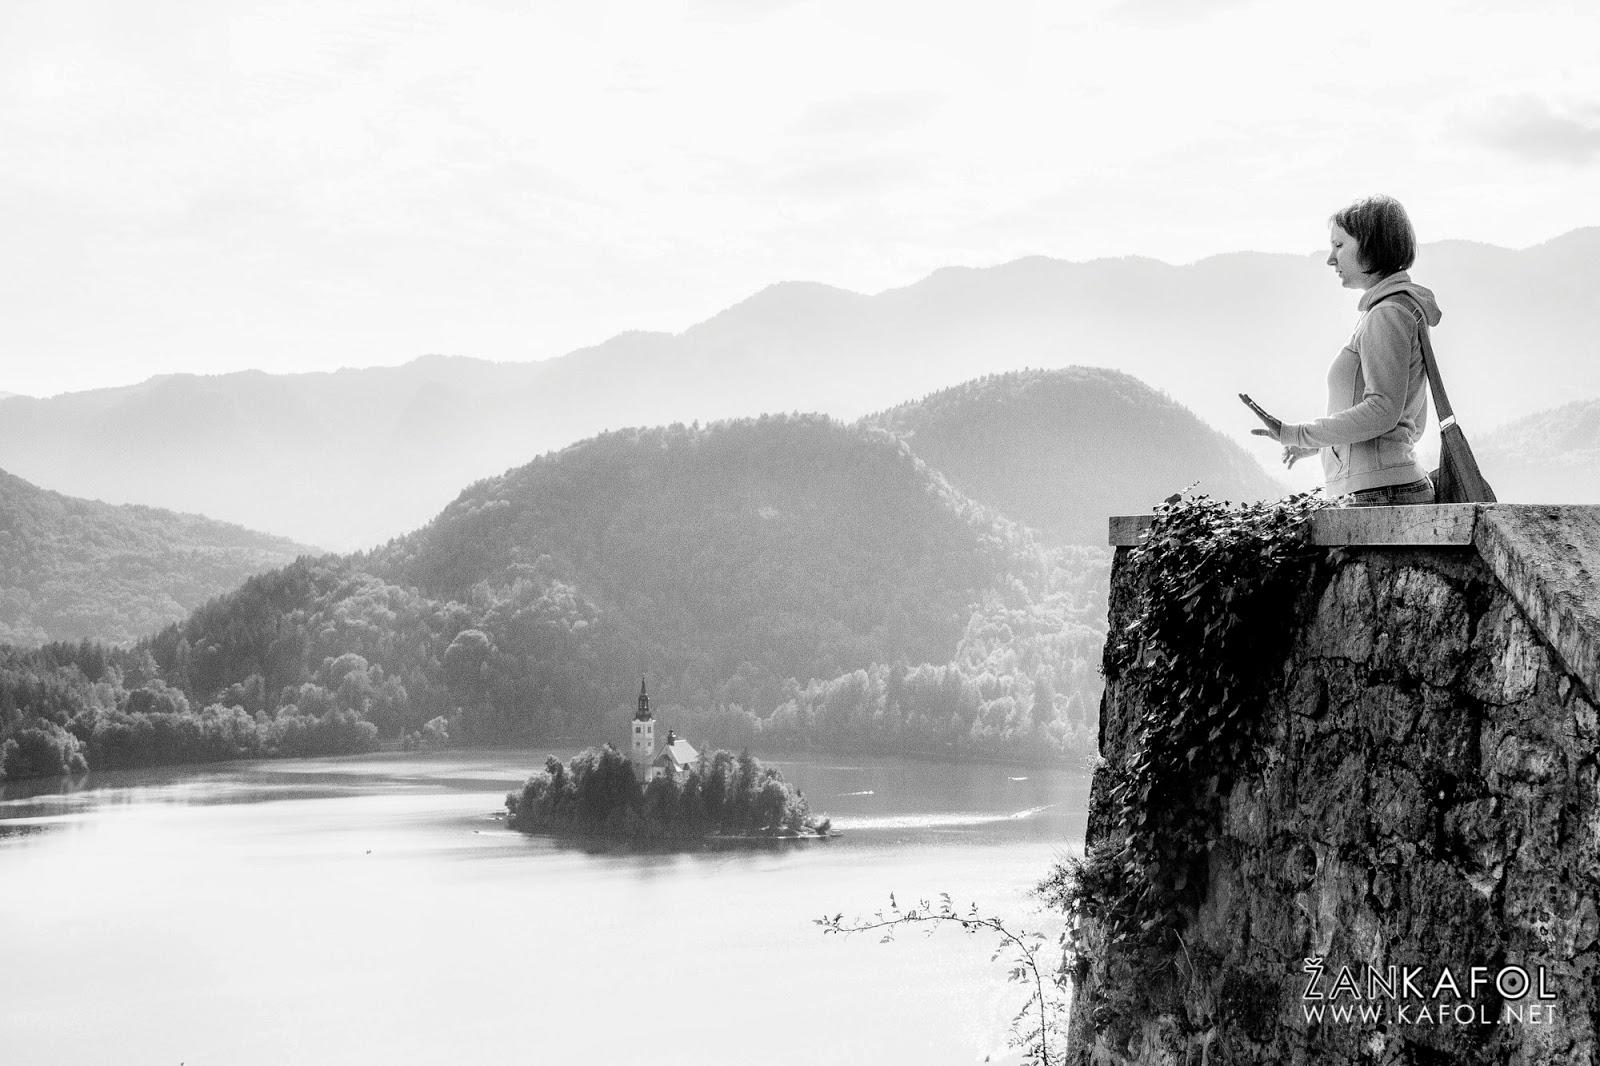 Razgled na Blejsko jezero z Blejskega gradu